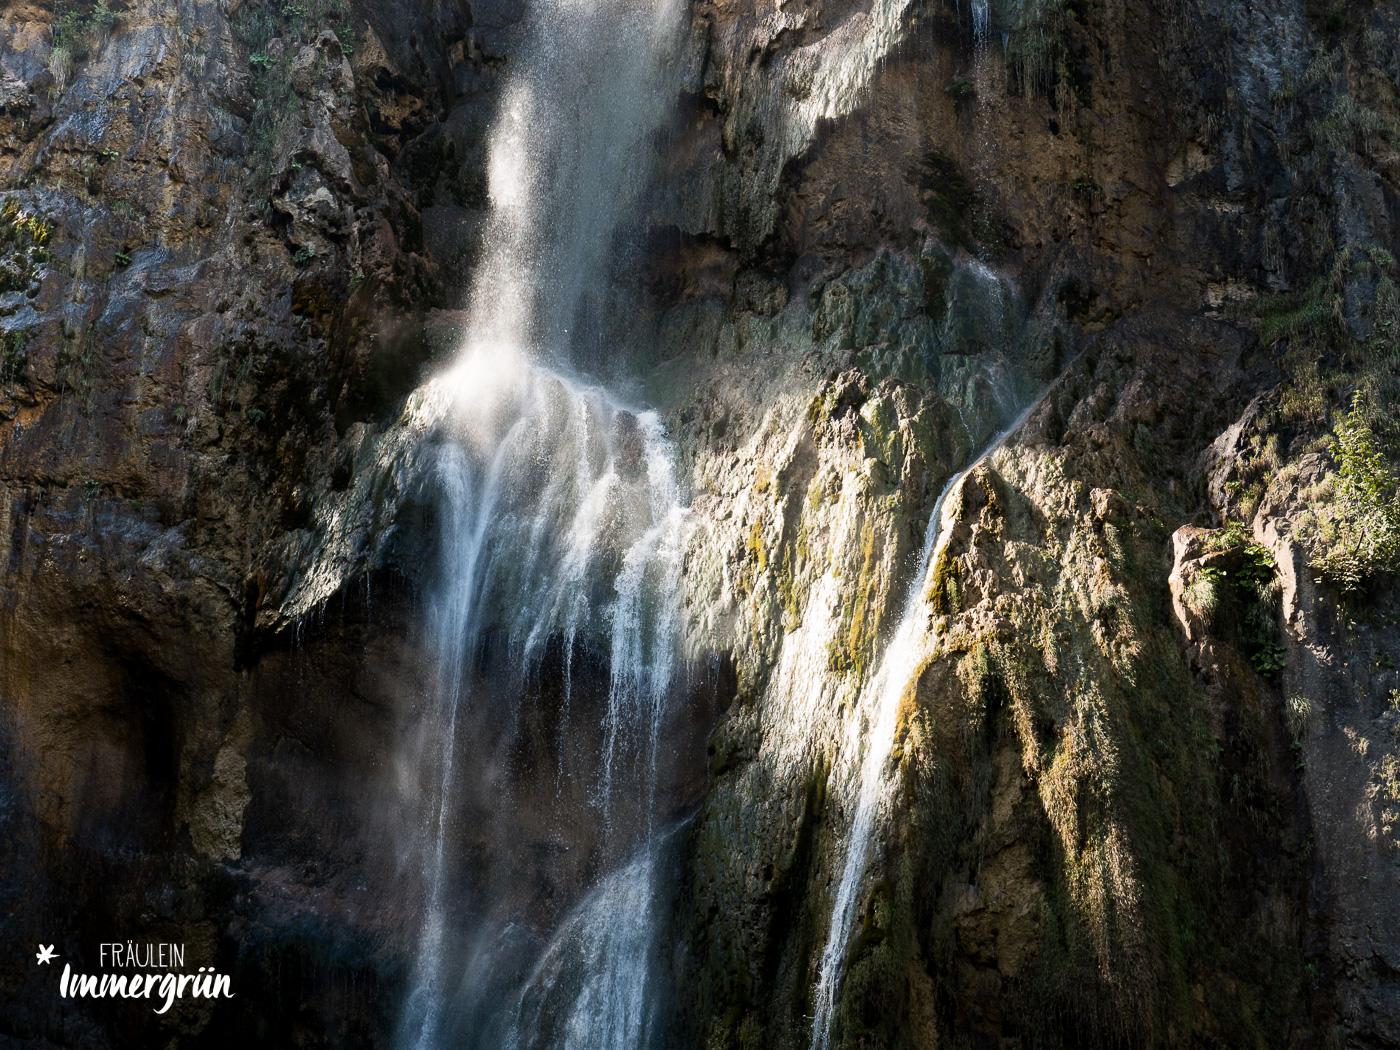 Dalmatien in Kroatien: Urlaub an der dalmatinischen Küste in der Nebensaison – Nationalpark Plitvicer Seen